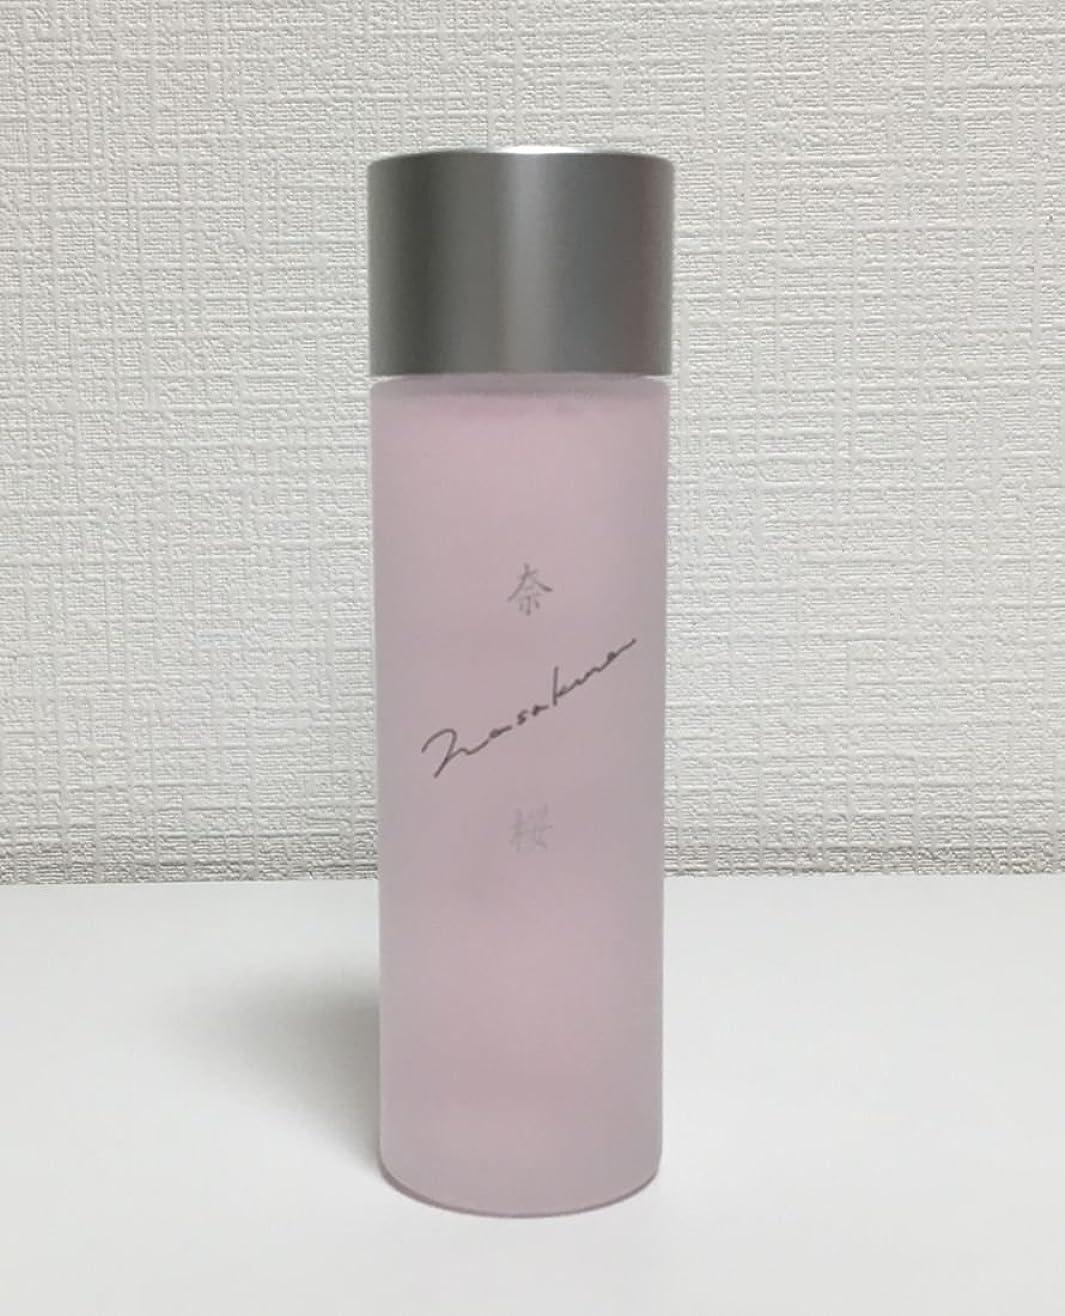 息苦しいサラダ息苦しい奈桜 化粧水 / nasakura lotion 100ml